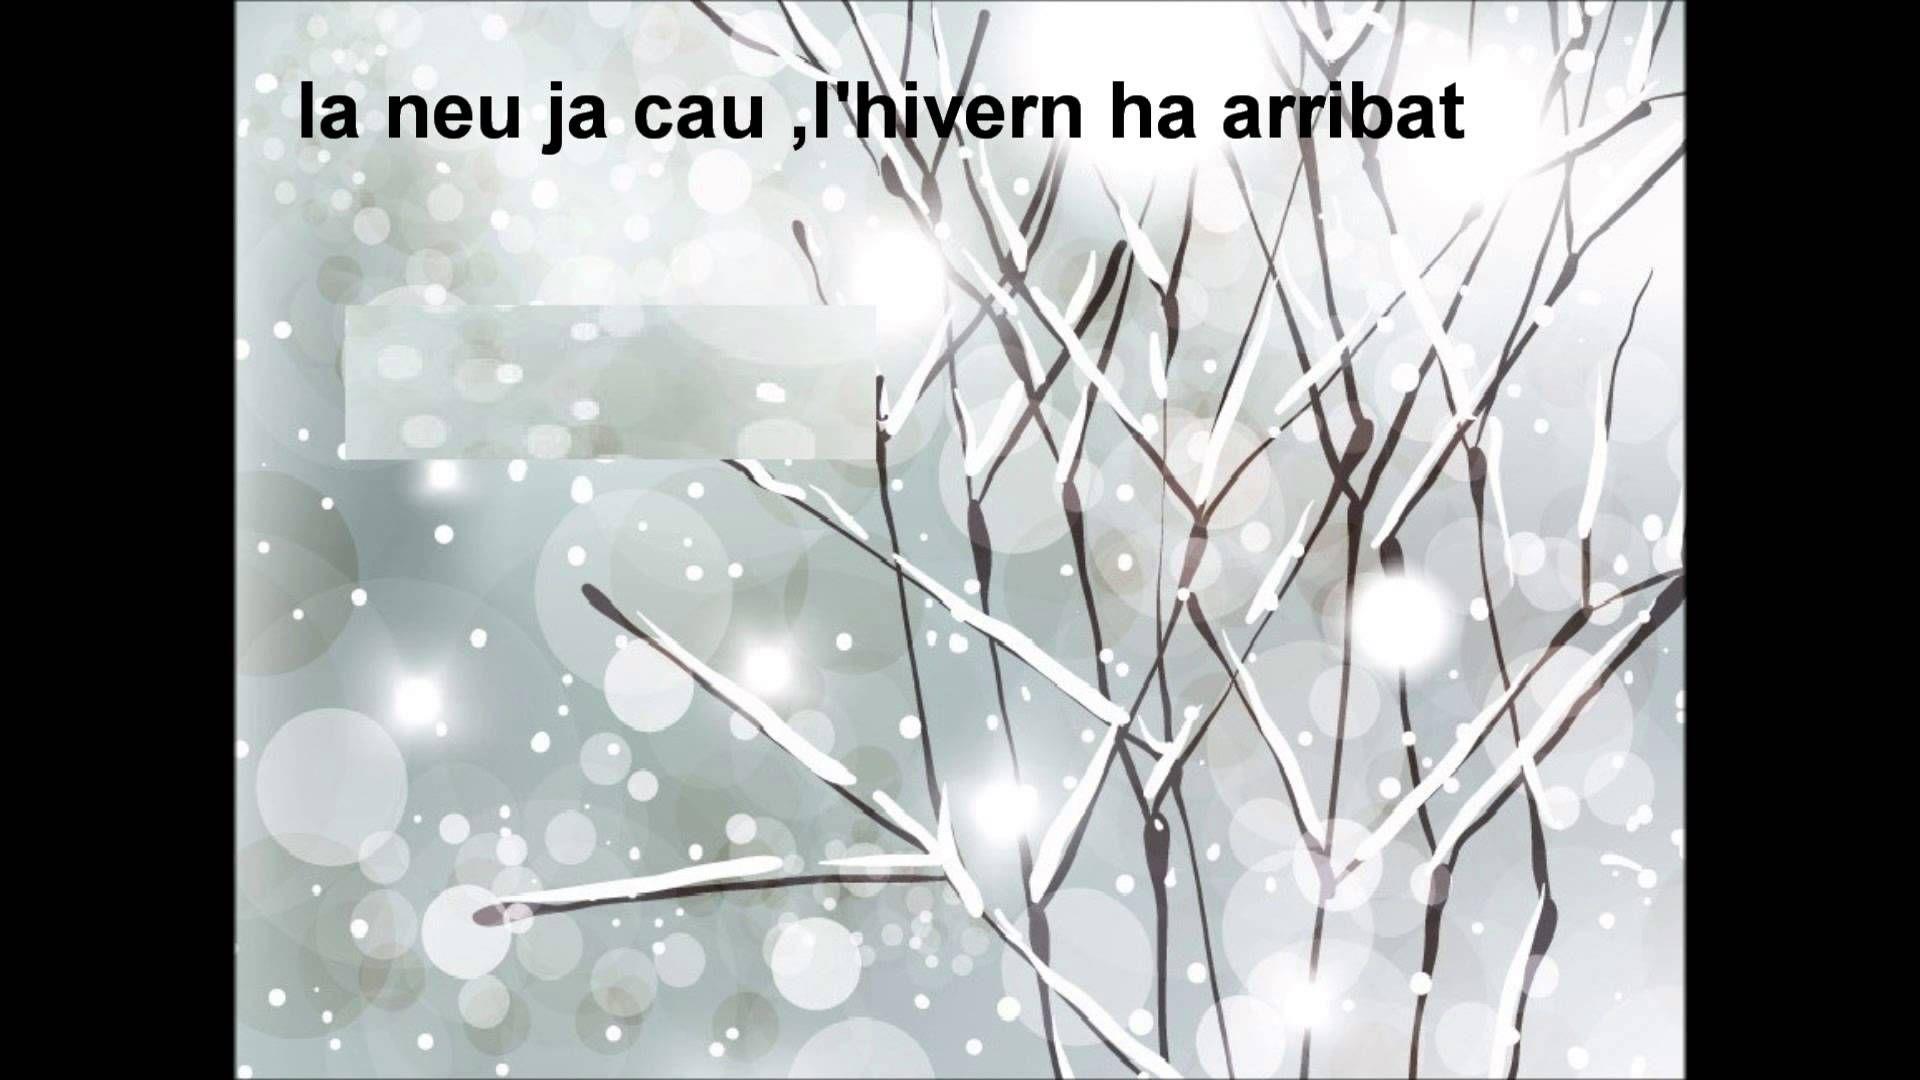 Cançó hivern